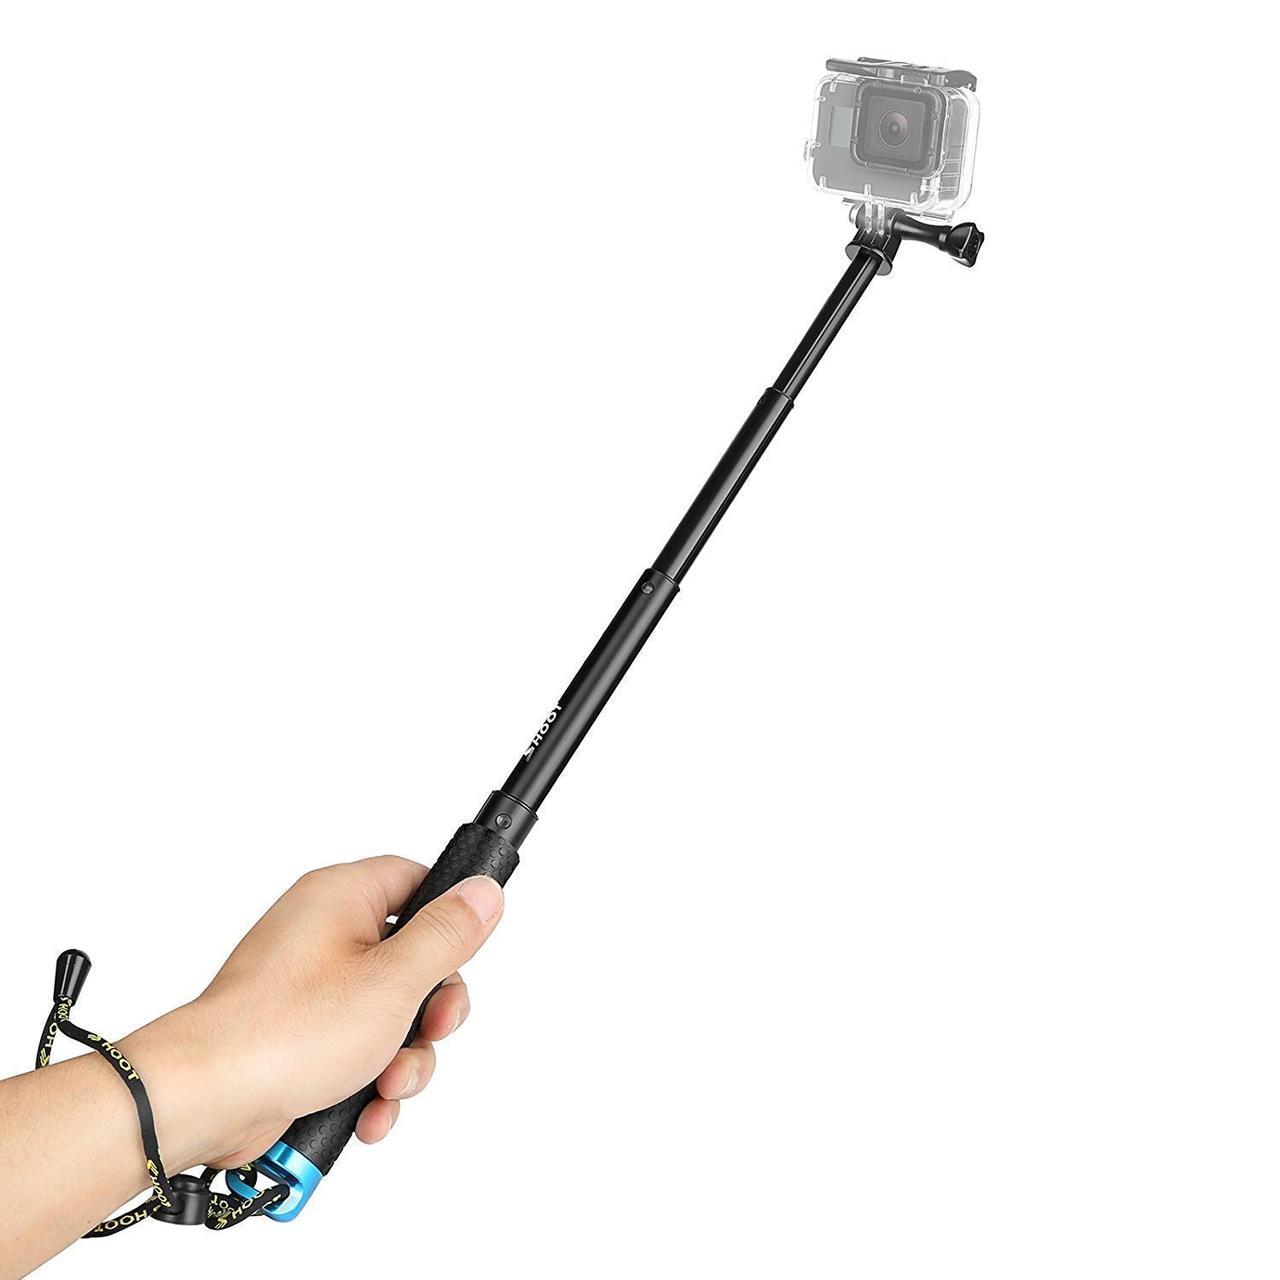 Монопод телескопический SHOOT POV POLE 20-52 сm для GoPro Xiaomi SJCAM